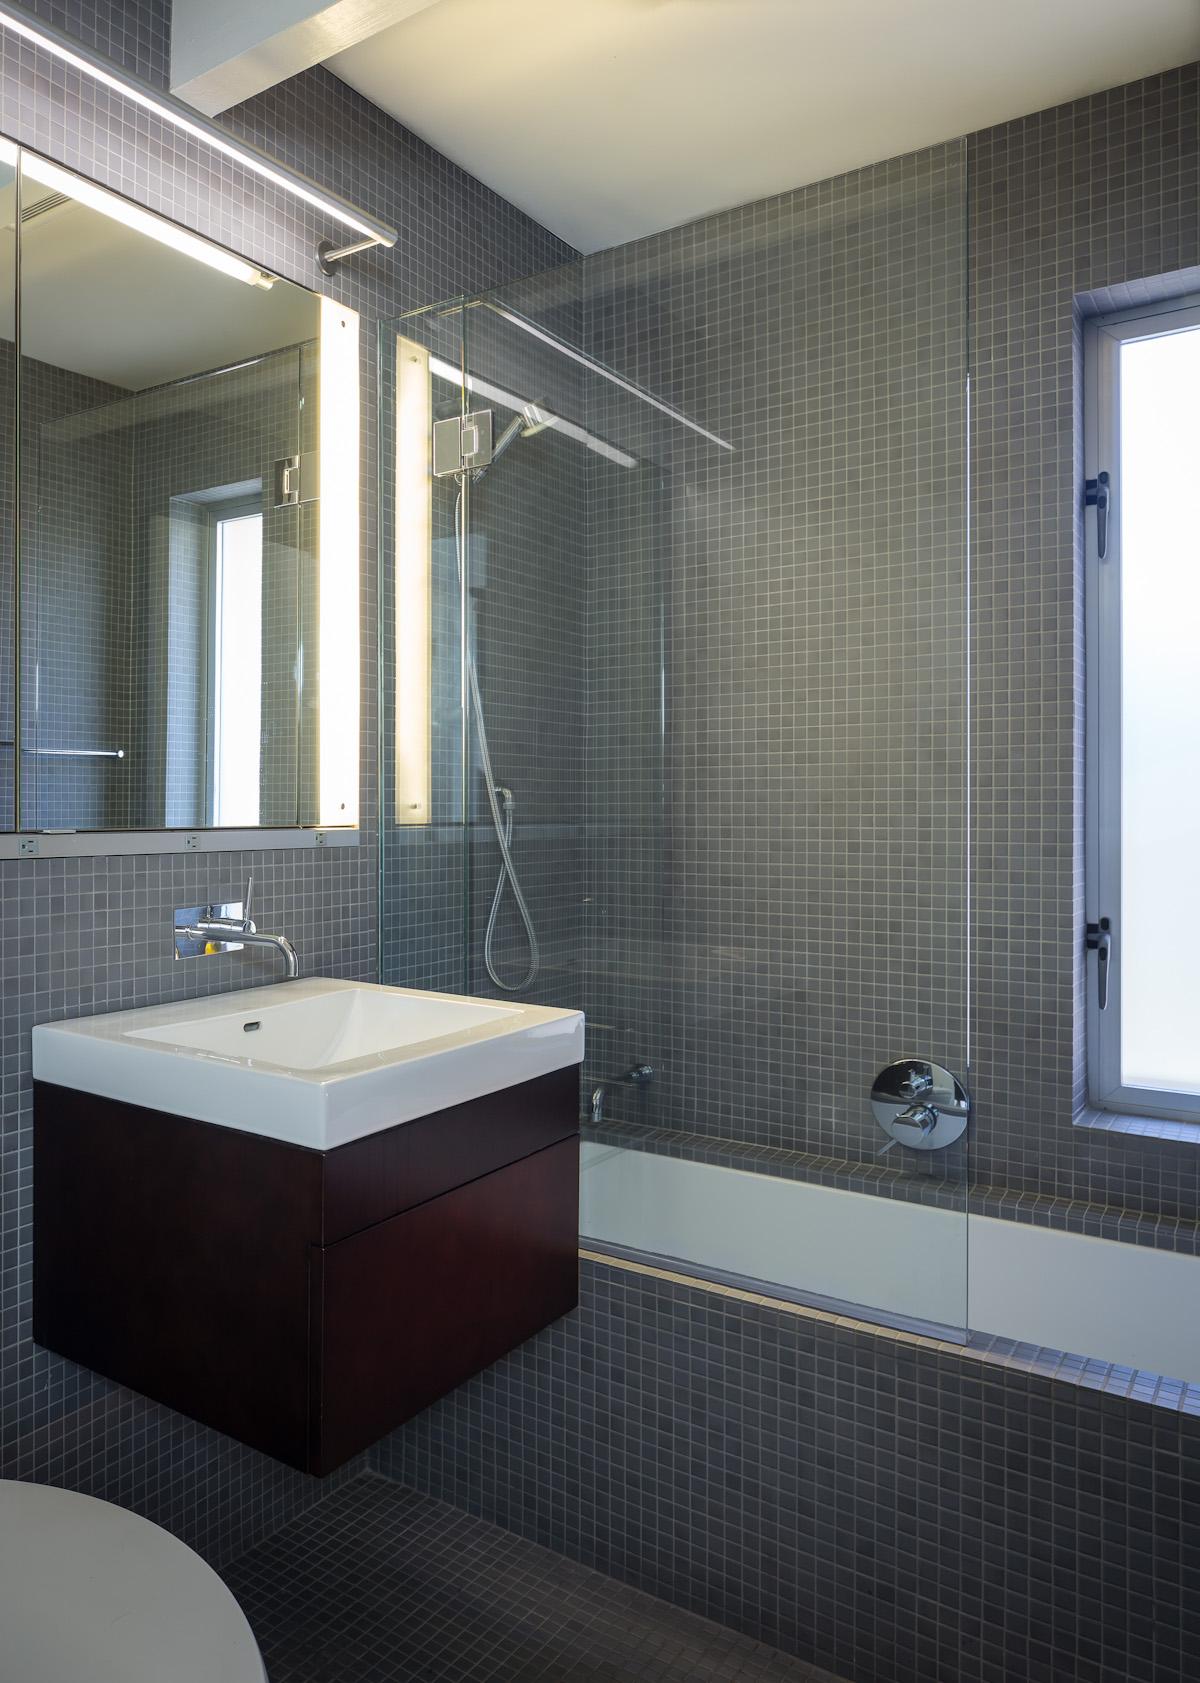 Ванная комната простая с серым кафелем